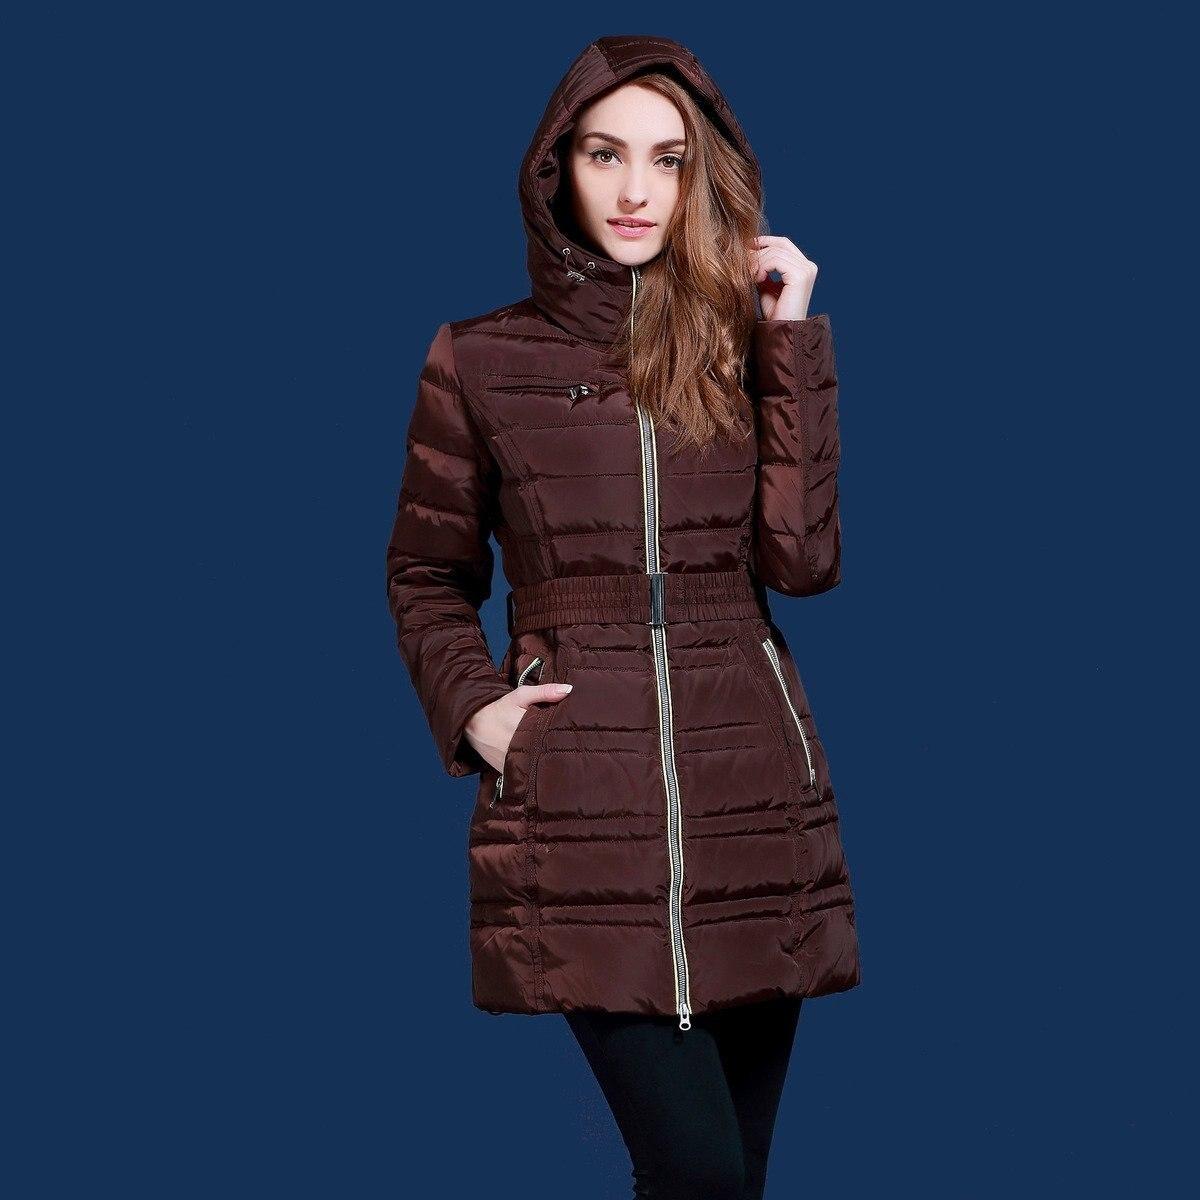 zimní bundy pro ženy Ruské a evropské značky Bílá kachna dolů Mínus 20 stupňů teplých kabátů plus velikost XS-2XL SID-Q501